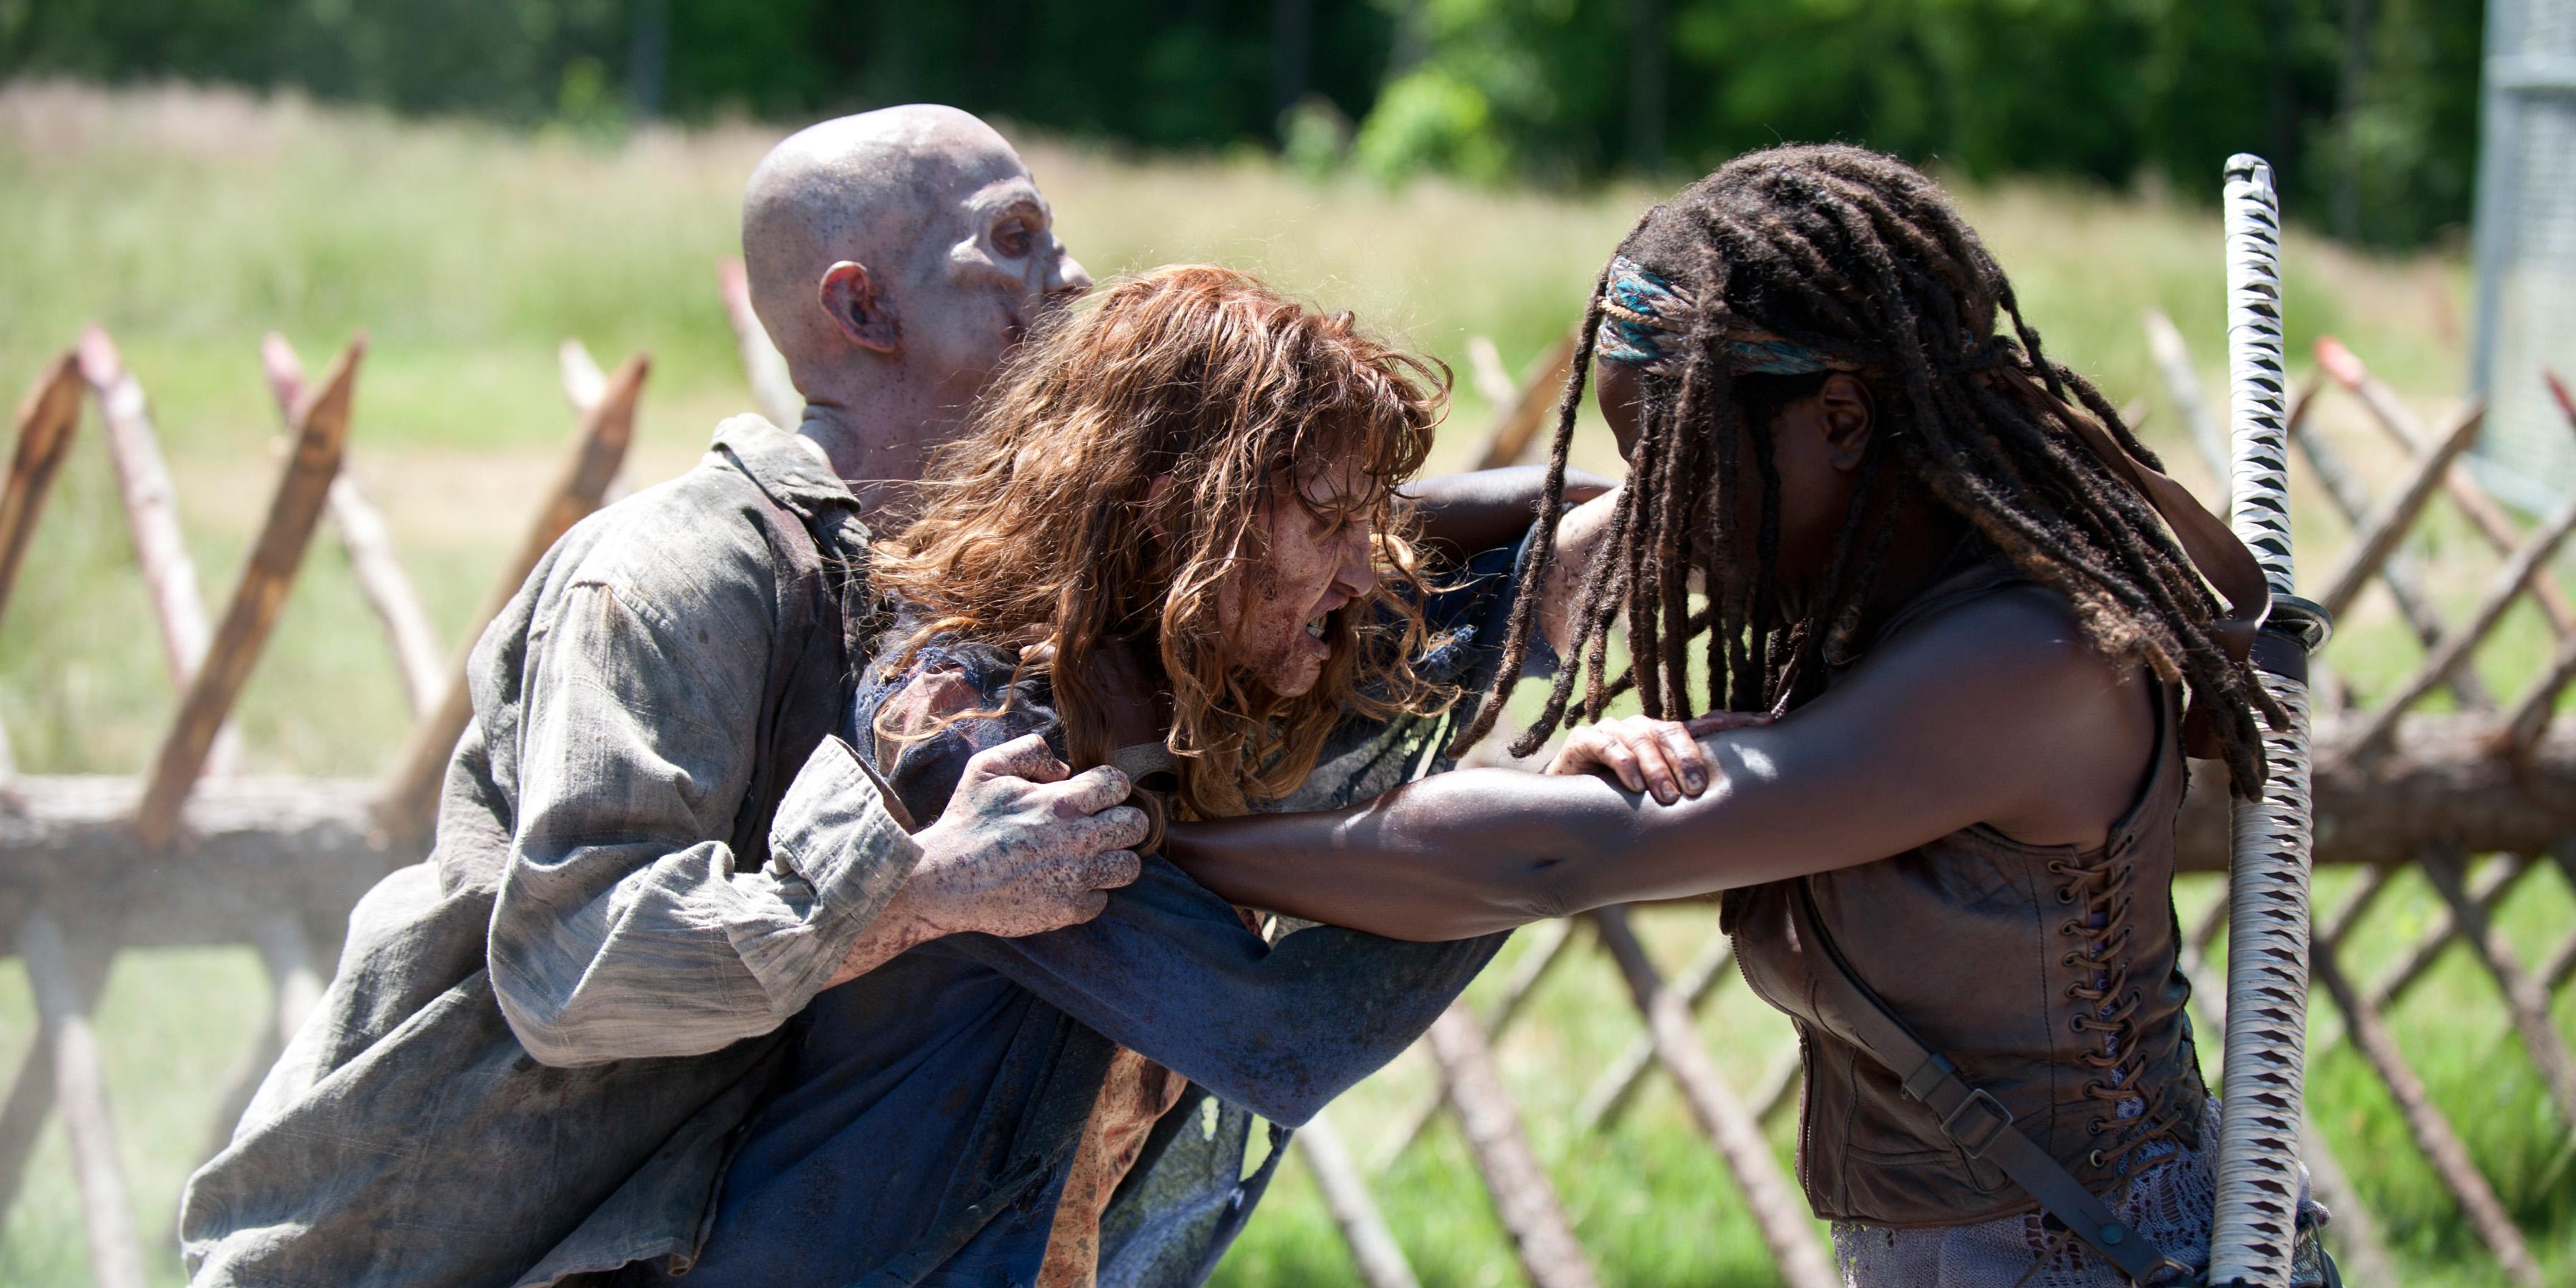 Michonne-The-Walking-Dead-4-Temporada-Episodio-S04E02-Infected